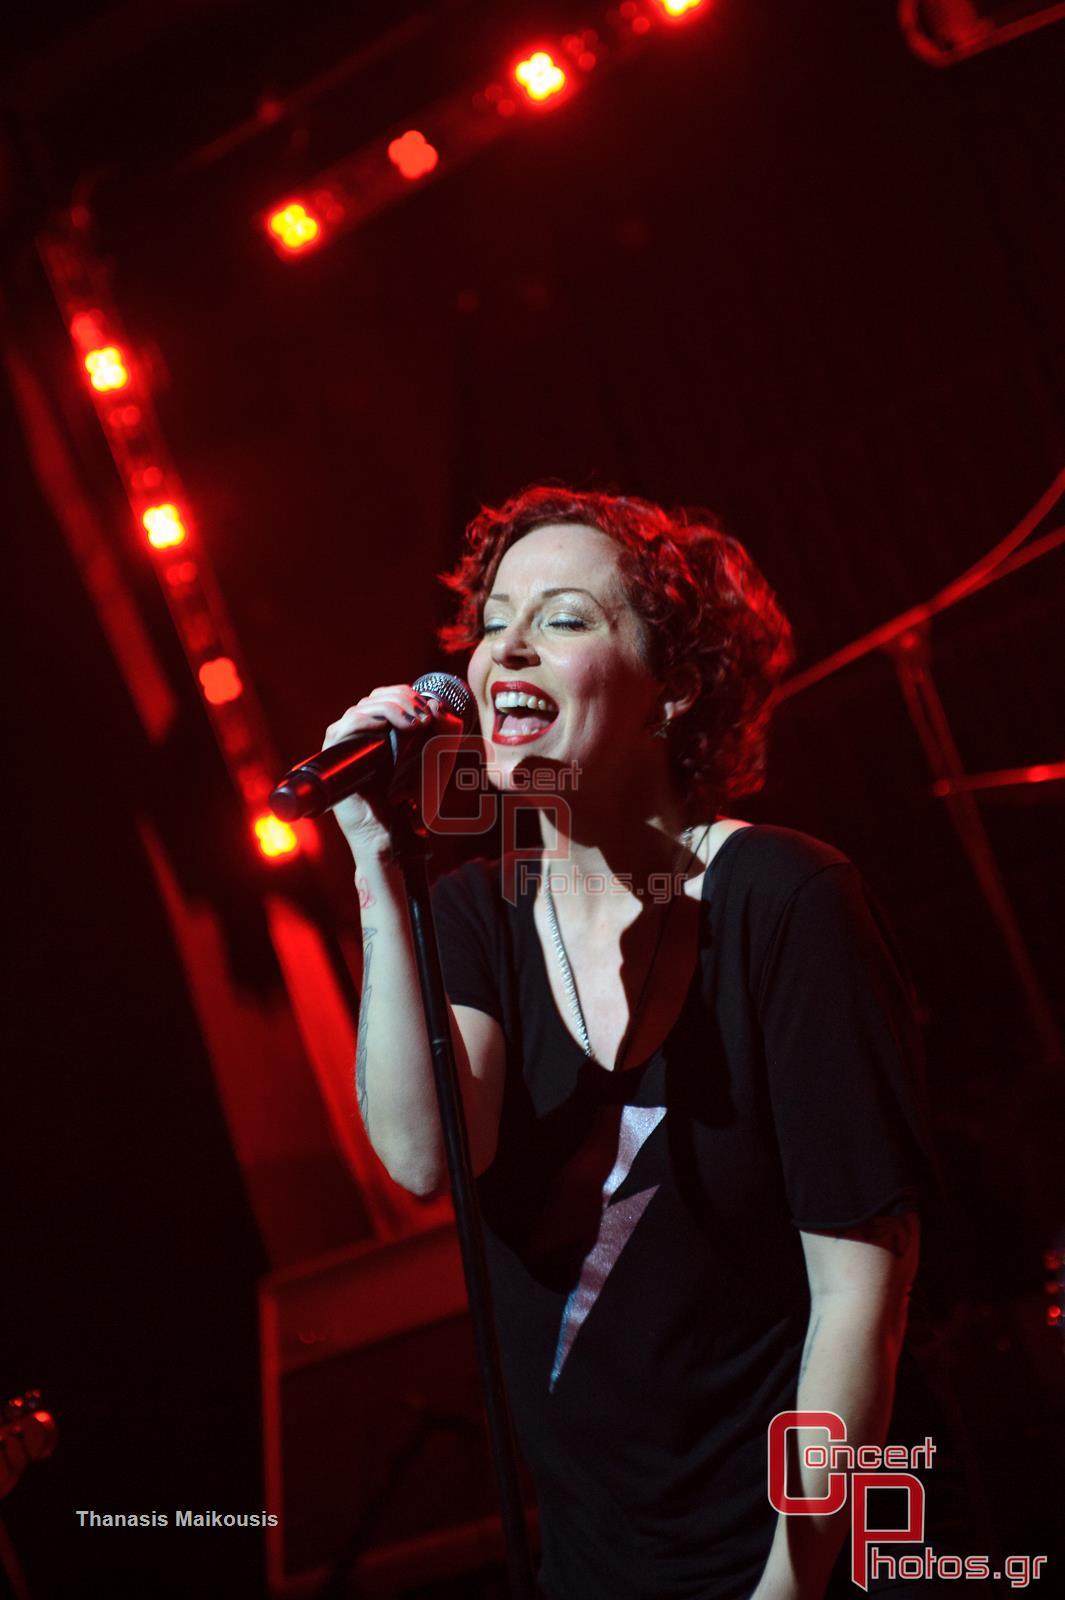 Anneke van Giersbergen-Anneke van Giersbergen photographer: Thanasis Maikousis - ConcertPhotos-0446